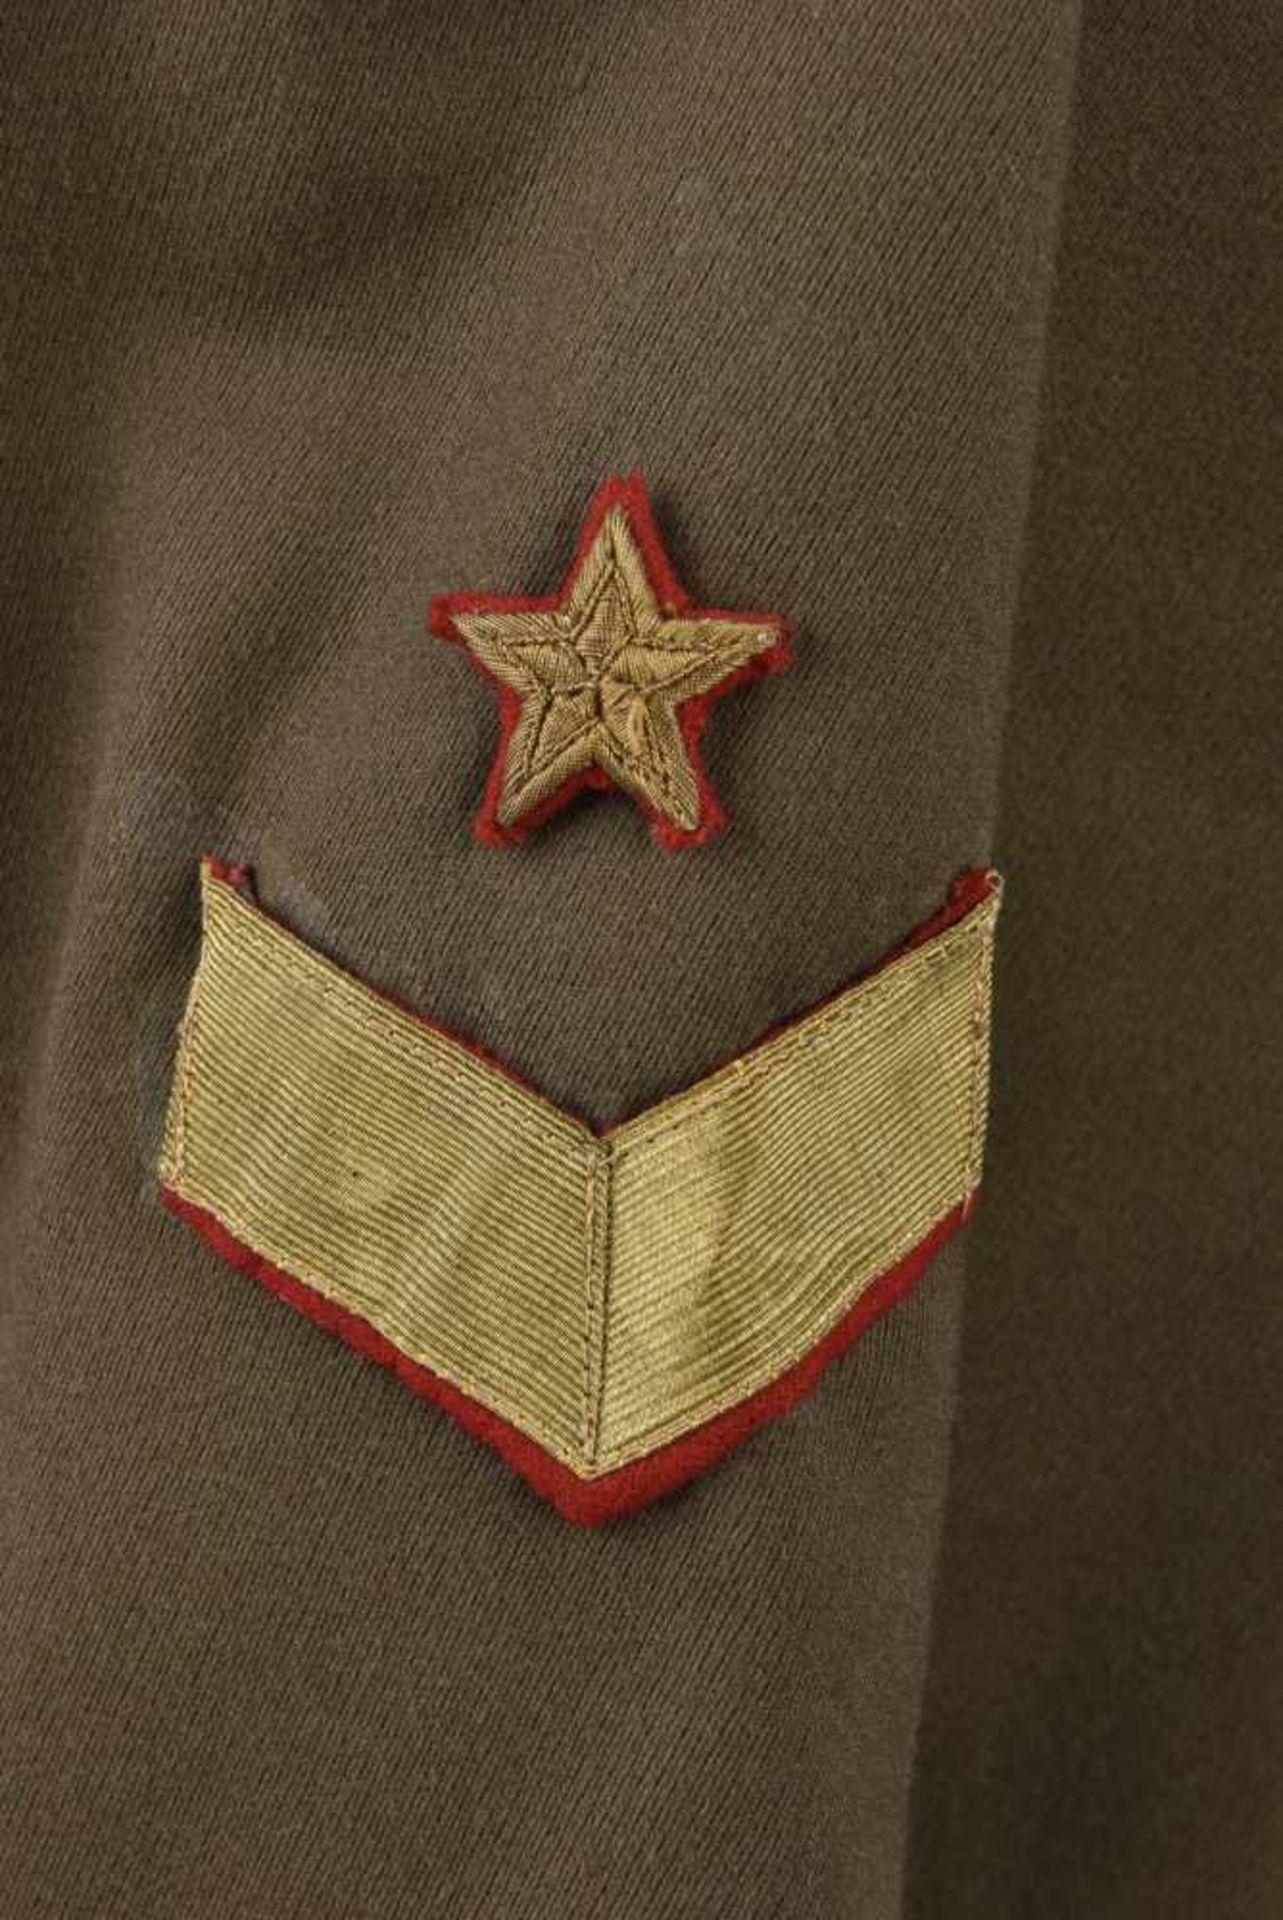 Vareuse de général modèle 1935/40 Pattes de col de major général. Cette pièce provient de la - Bild 3 aus 4